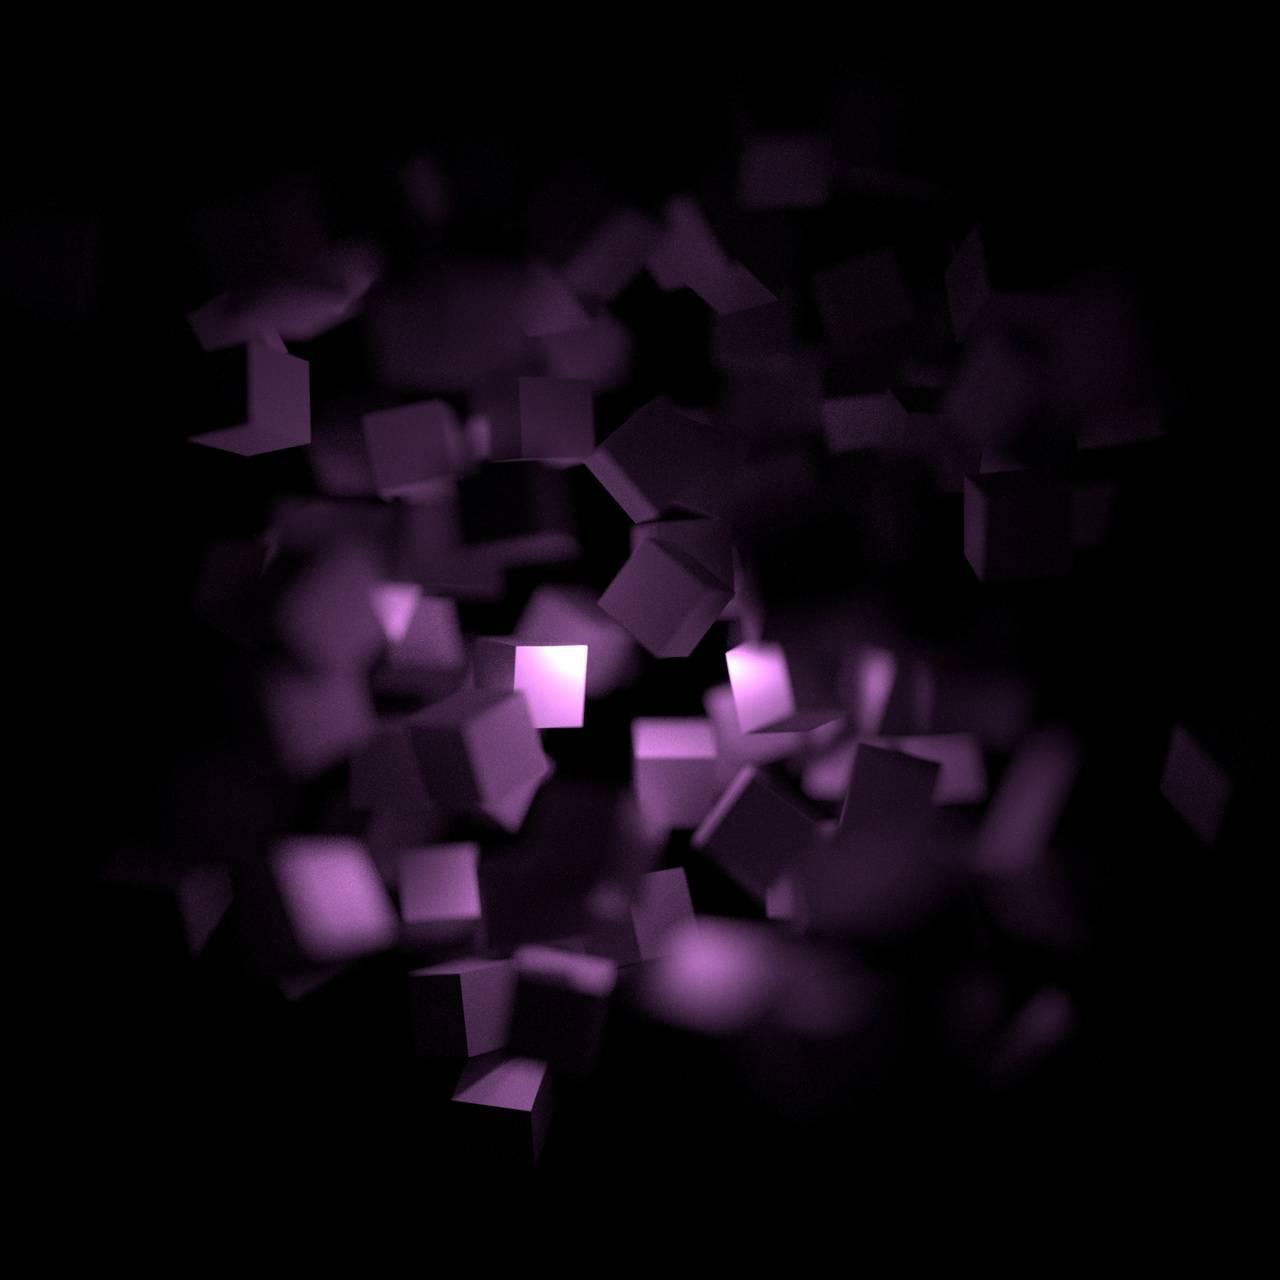 Cloud of cubes